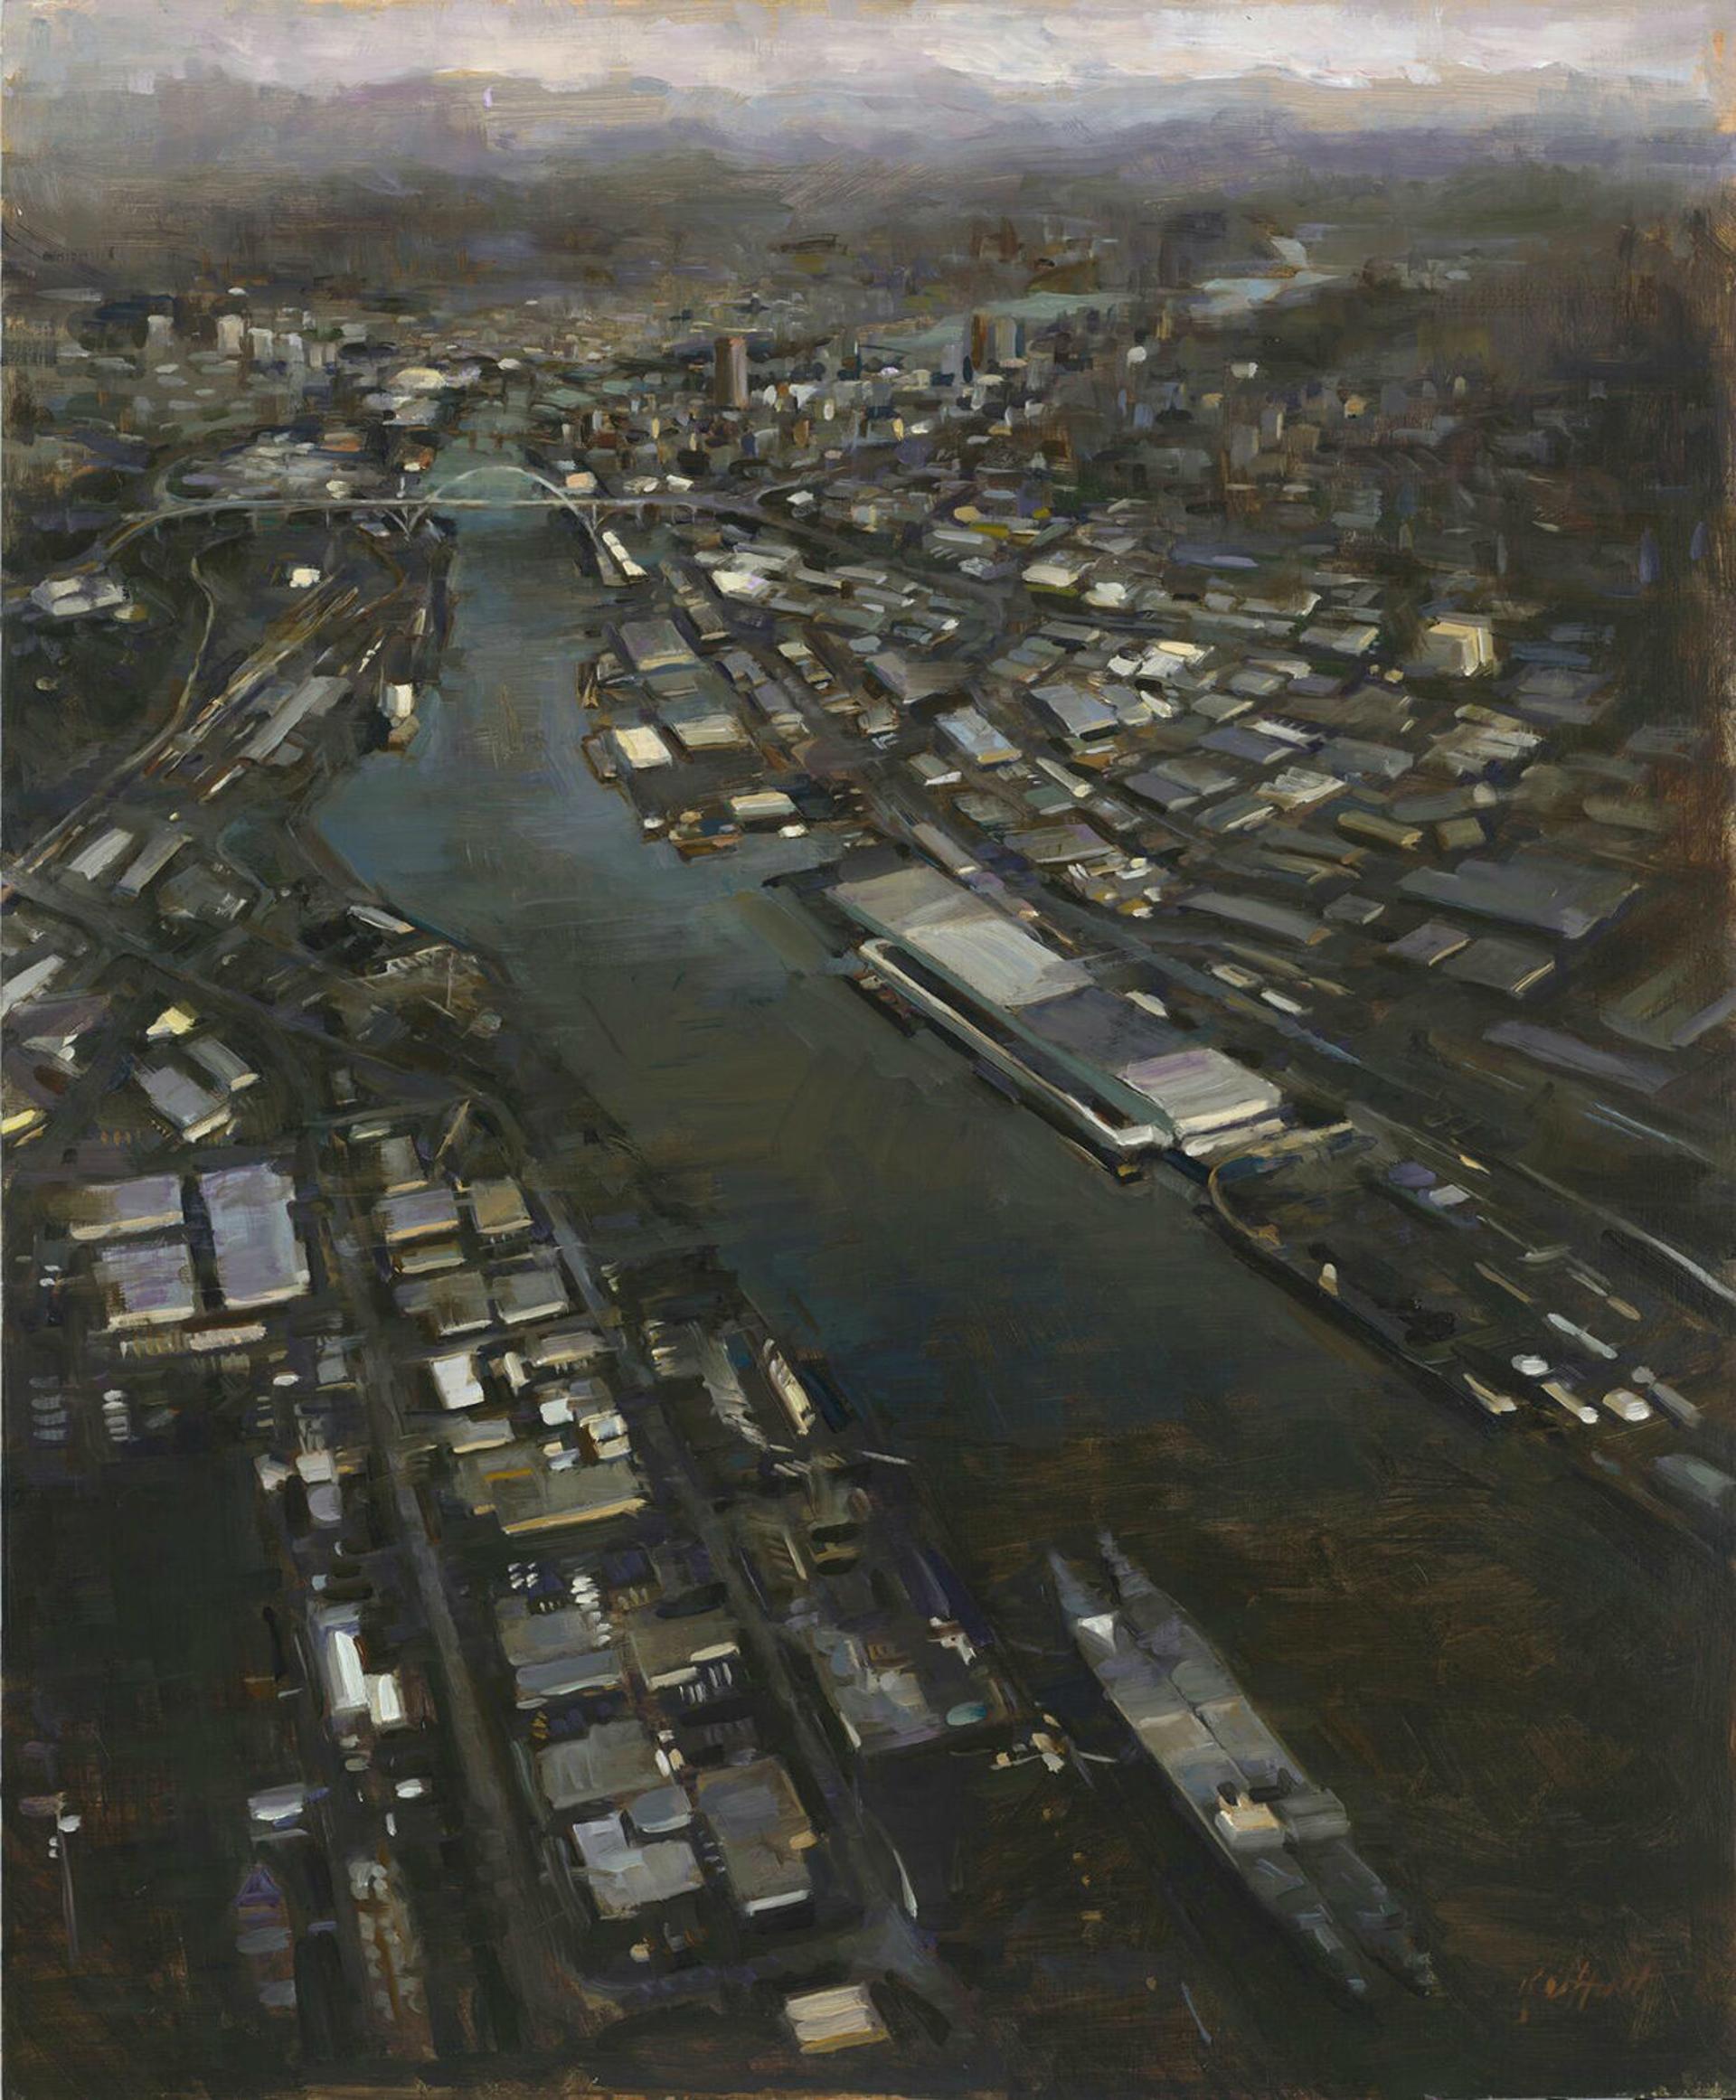 Portland Skyscape by Karen Offutt